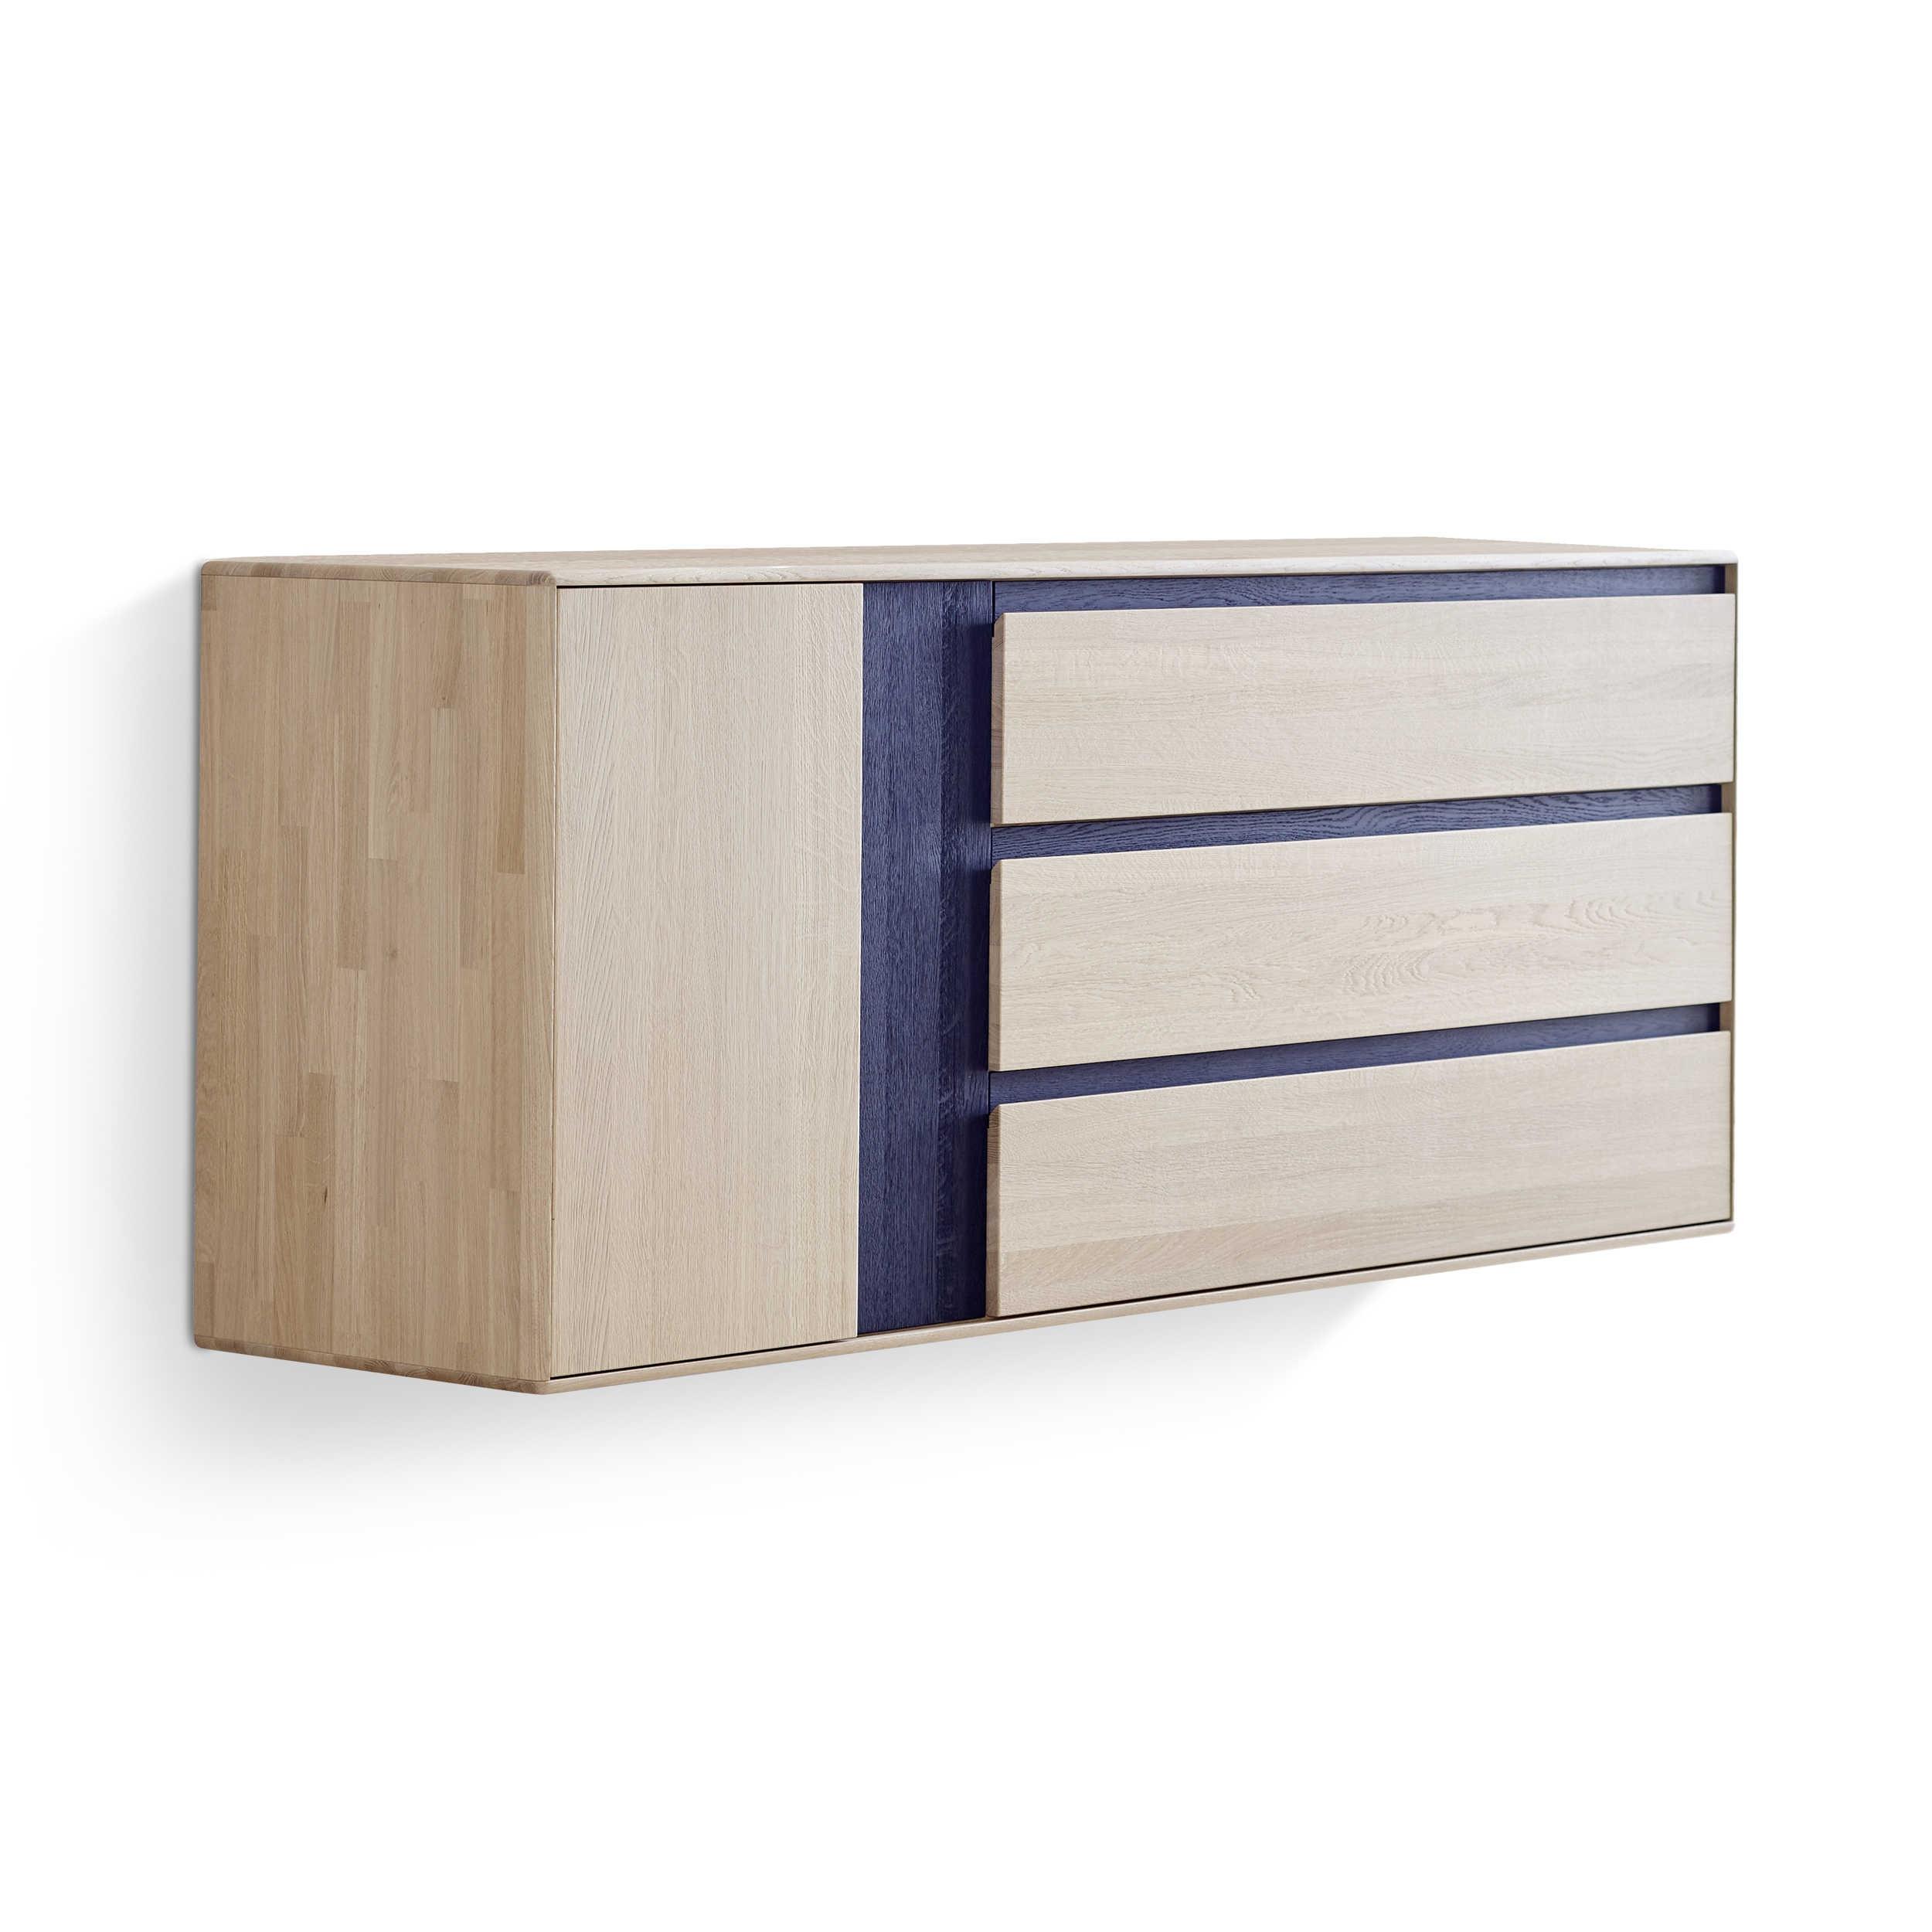 schner wohnen stehlampen elegant schner wohnen bad fesselnd auf dekoideen fur ihr zuhause on. Black Bedroom Furniture Sets. Home Design Ideas